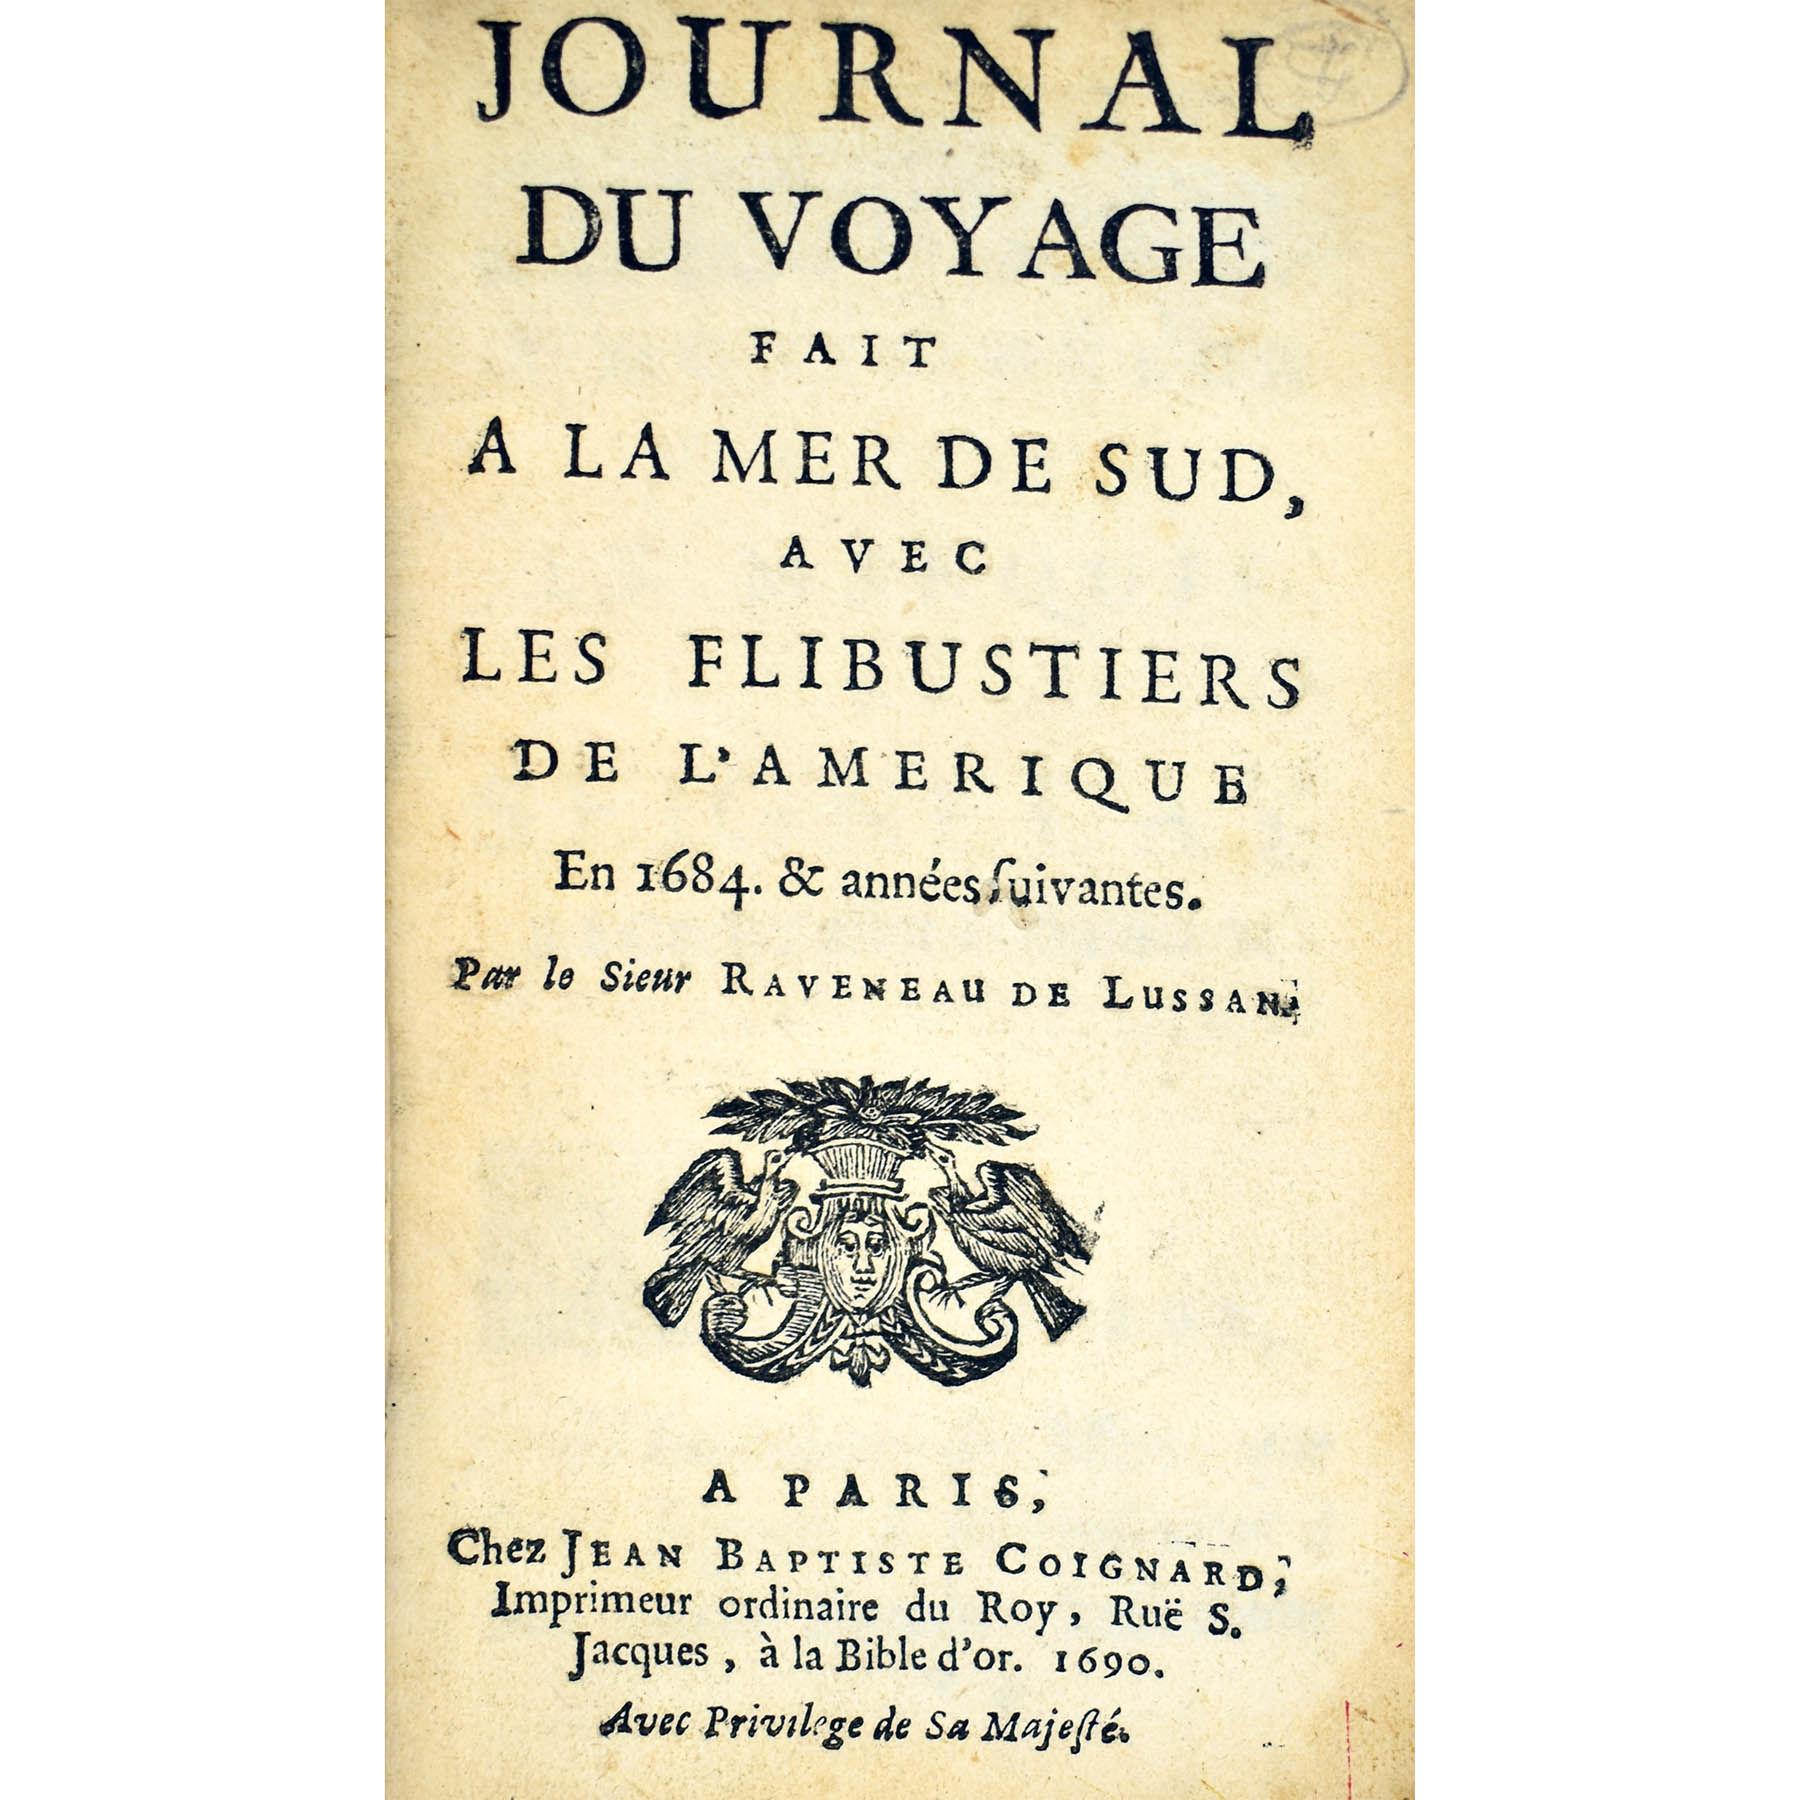 Journal du Voyage fait a la Mer de Sud, avec les Flibustiers de l'Amerique en 1684. & annees suivantes. (photo 2)